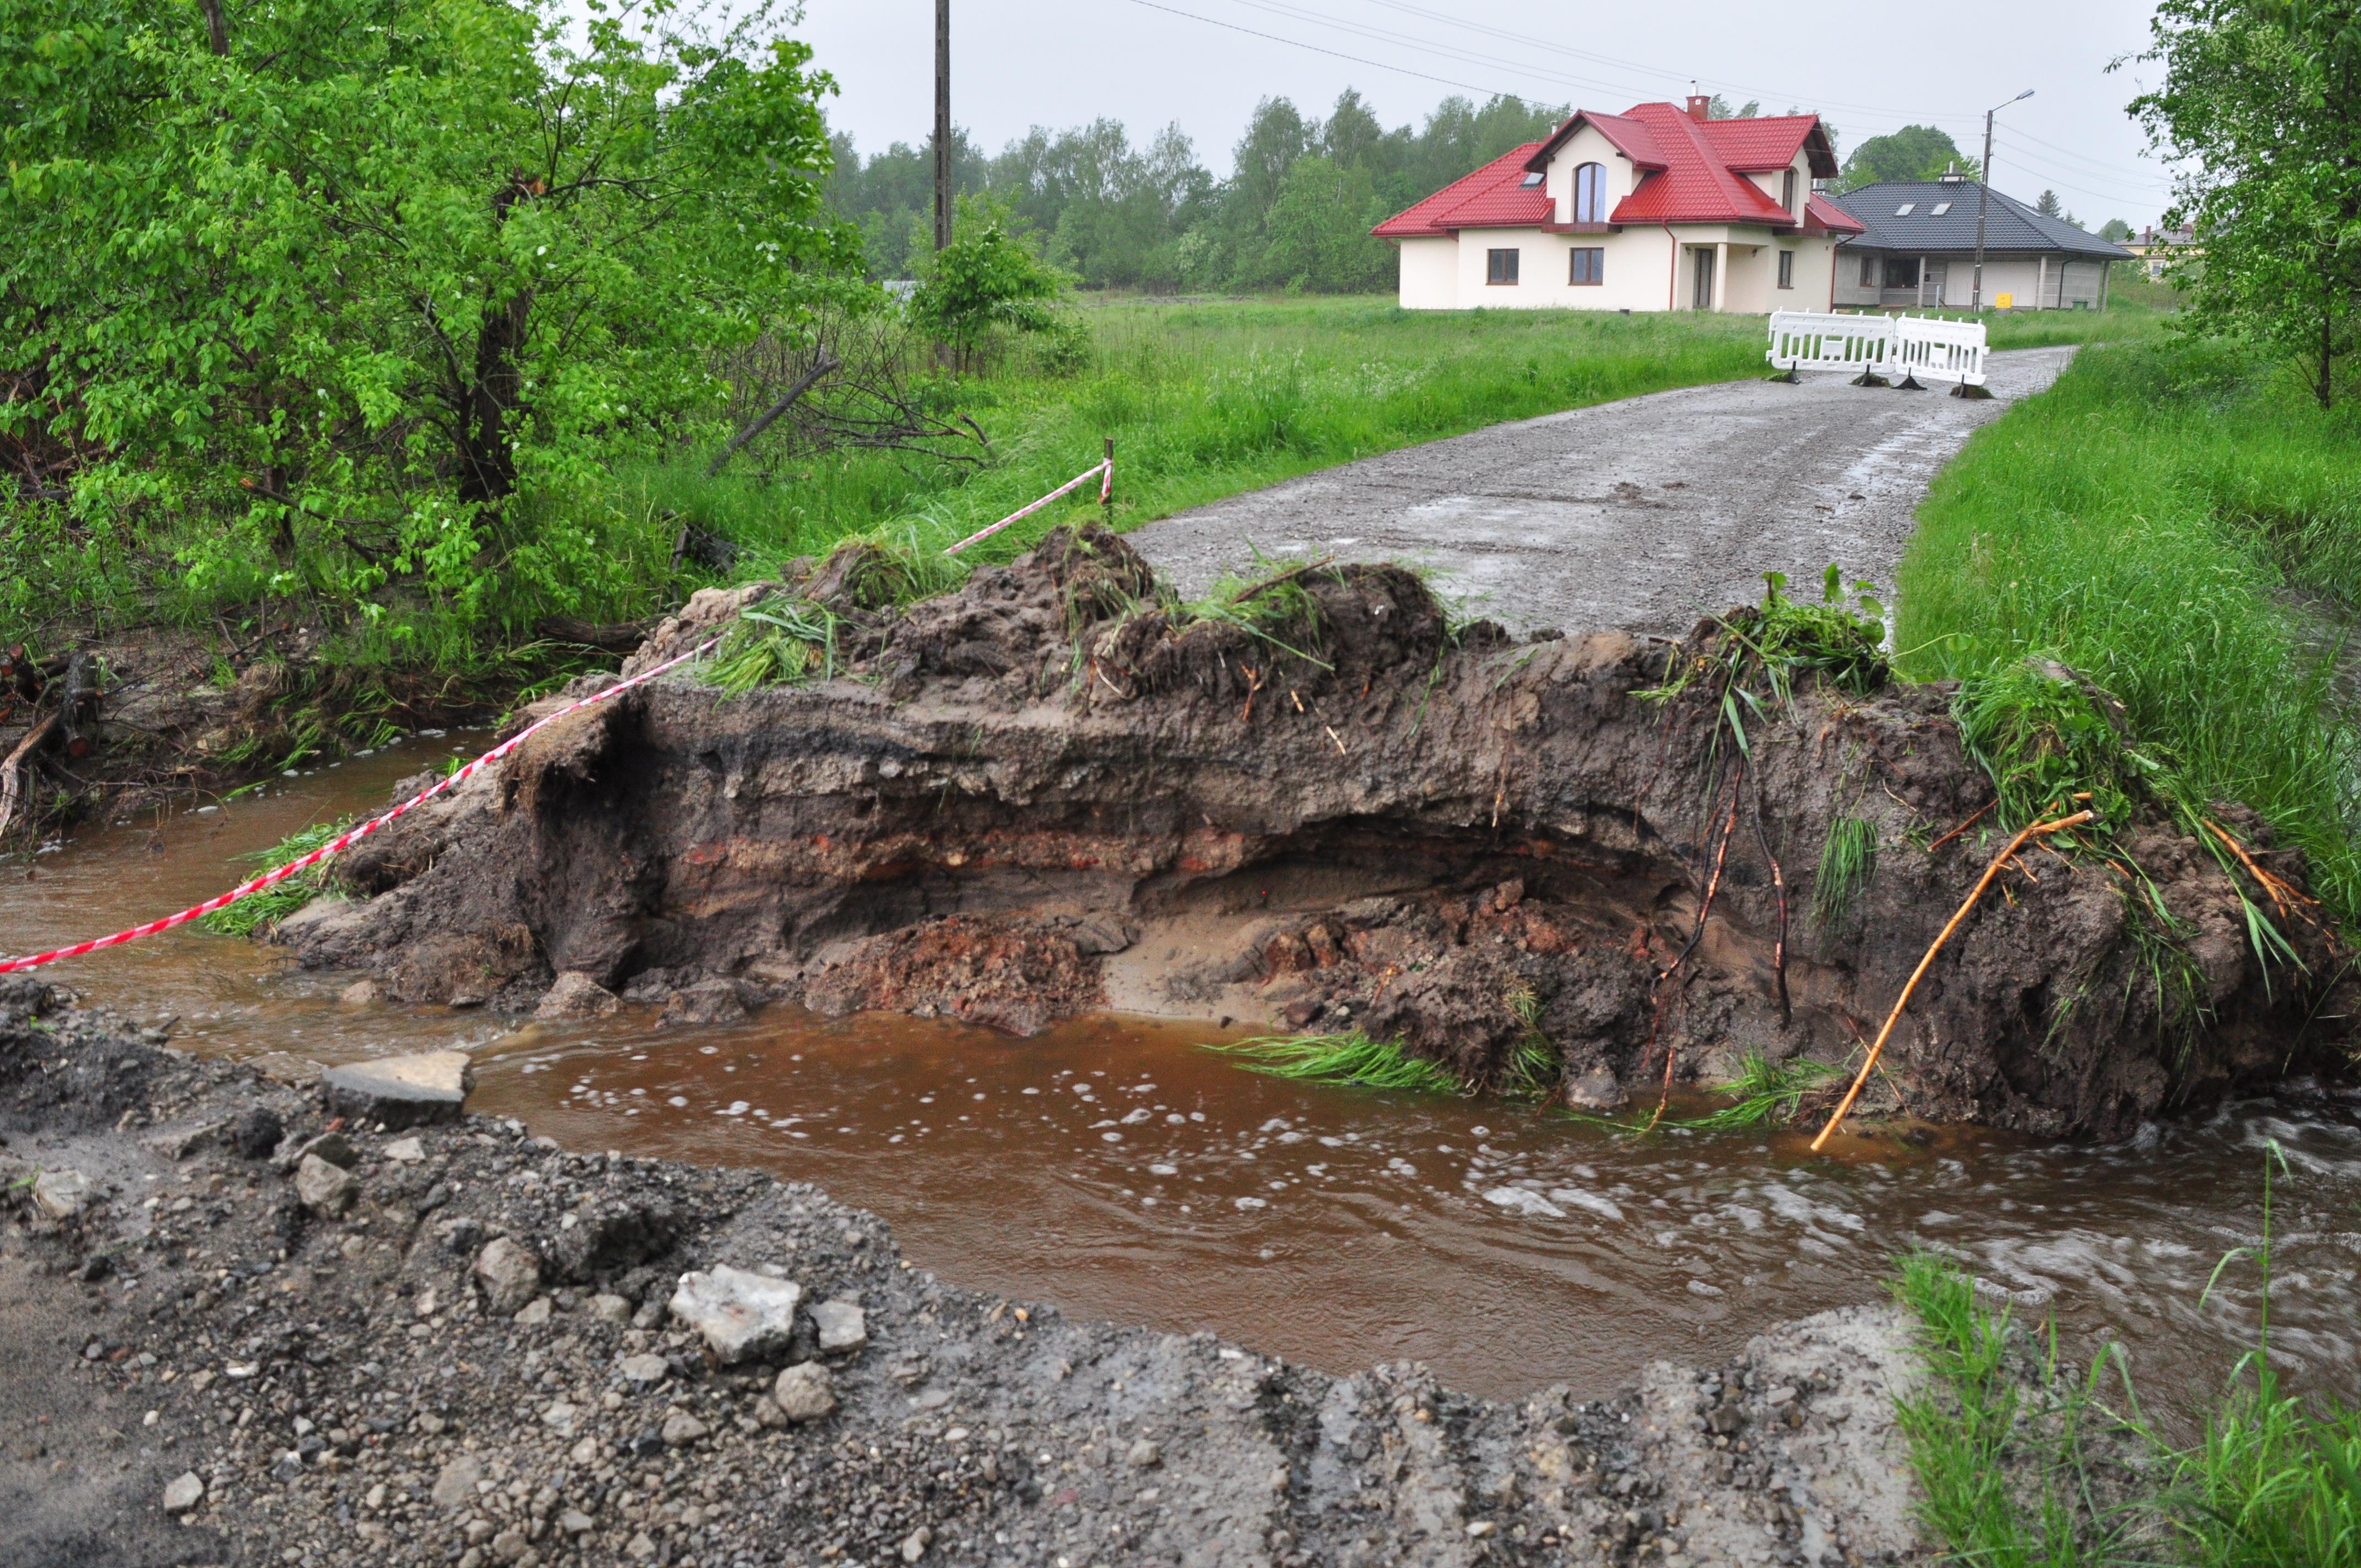 Ulica Piaskowa w Kolbuszowej całkowicie zniszczona przez ulewne deszcze [ZDJĘCIA] - Zdjęcie główne